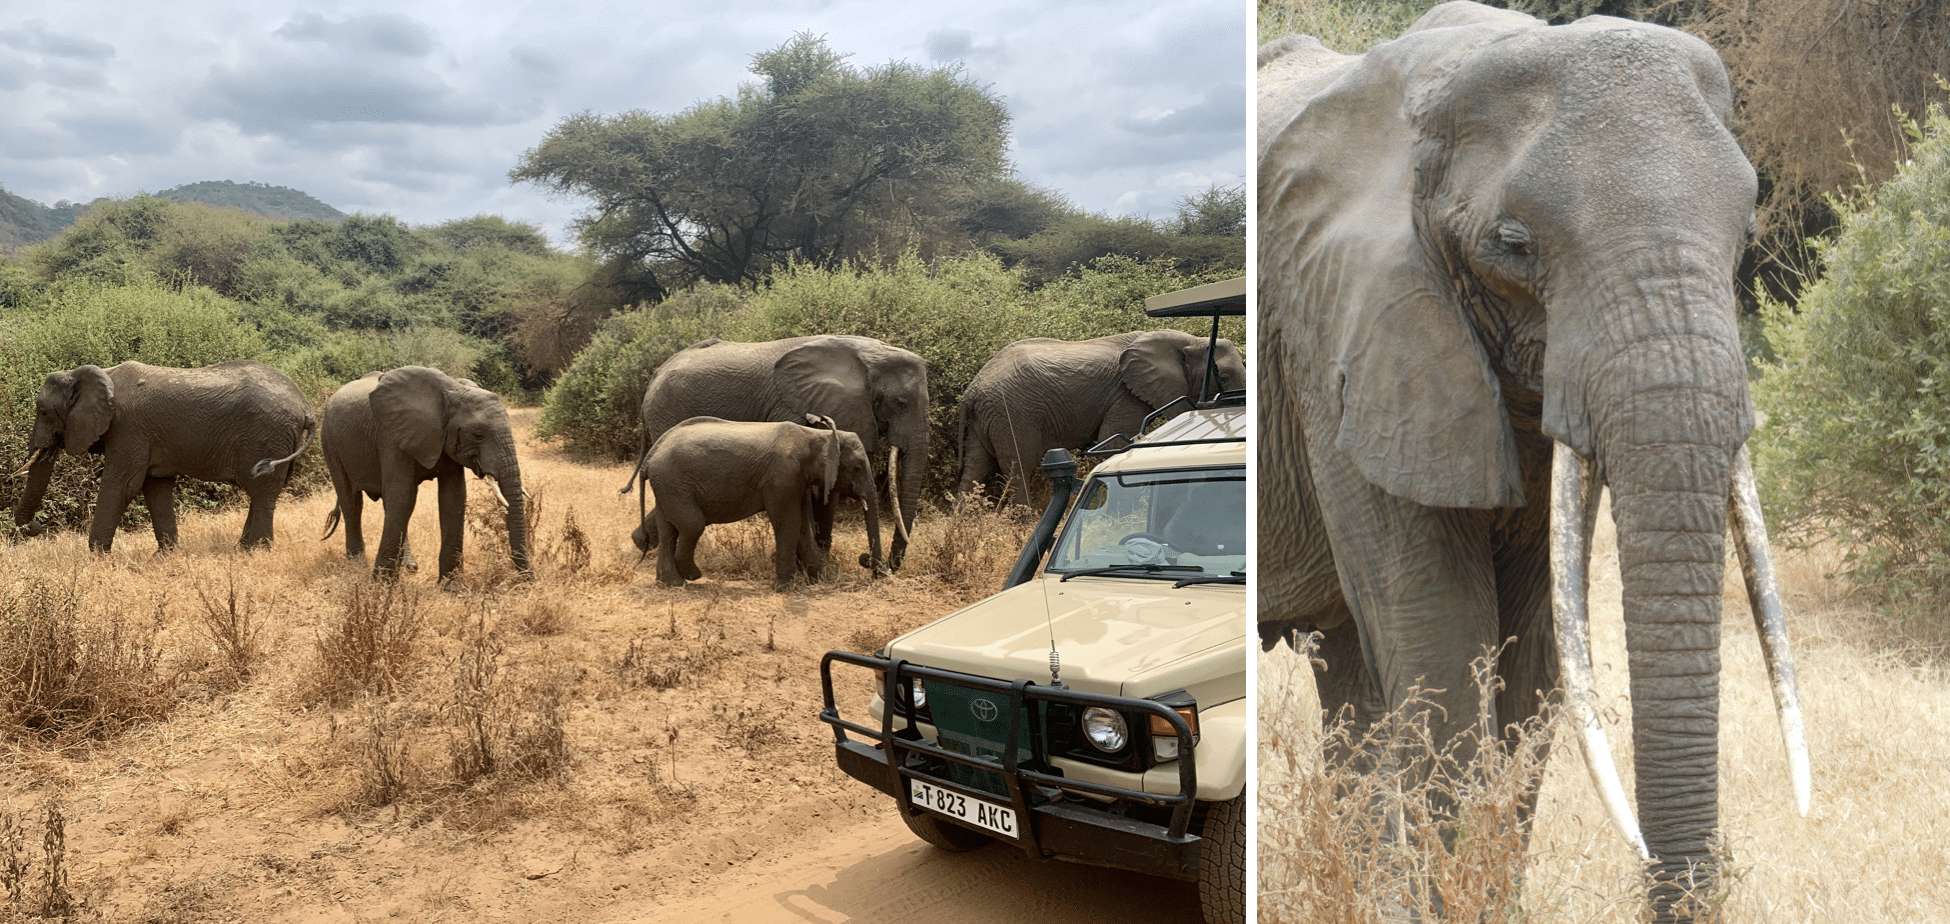 safari en tanzanie : troupeau d'elephants dans le parc du lac manyara